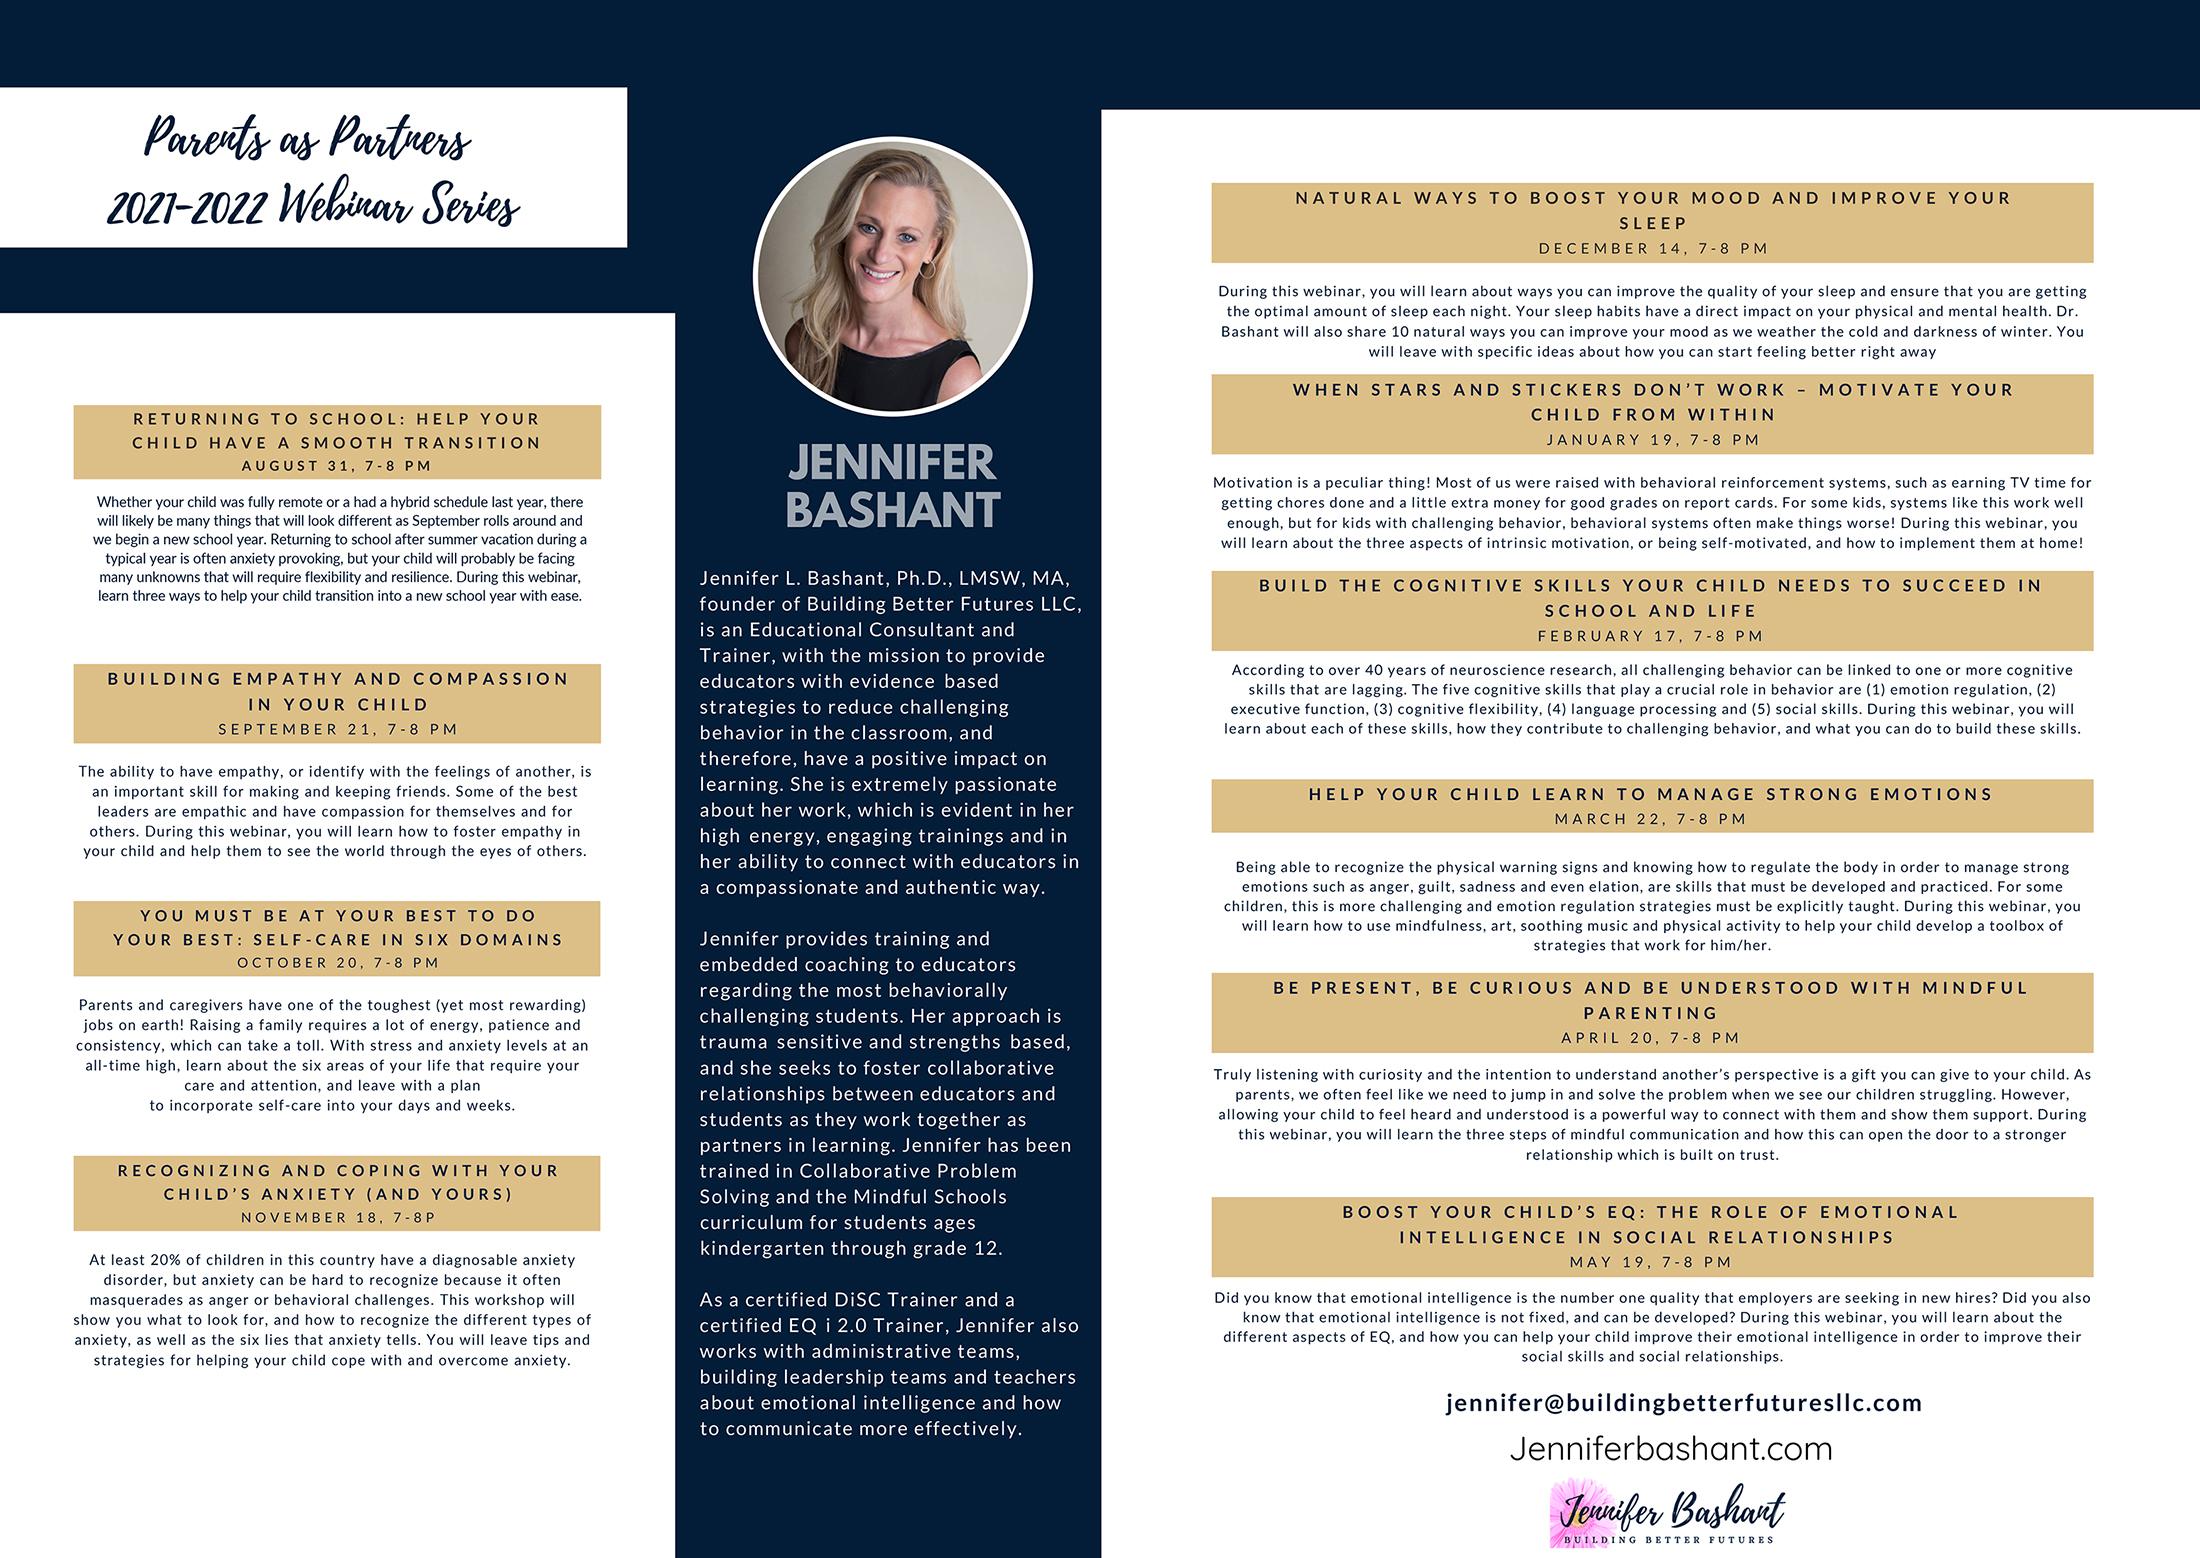 Jennifer Bashant bio and Parents as Partners webinar descriptions (8/2021)